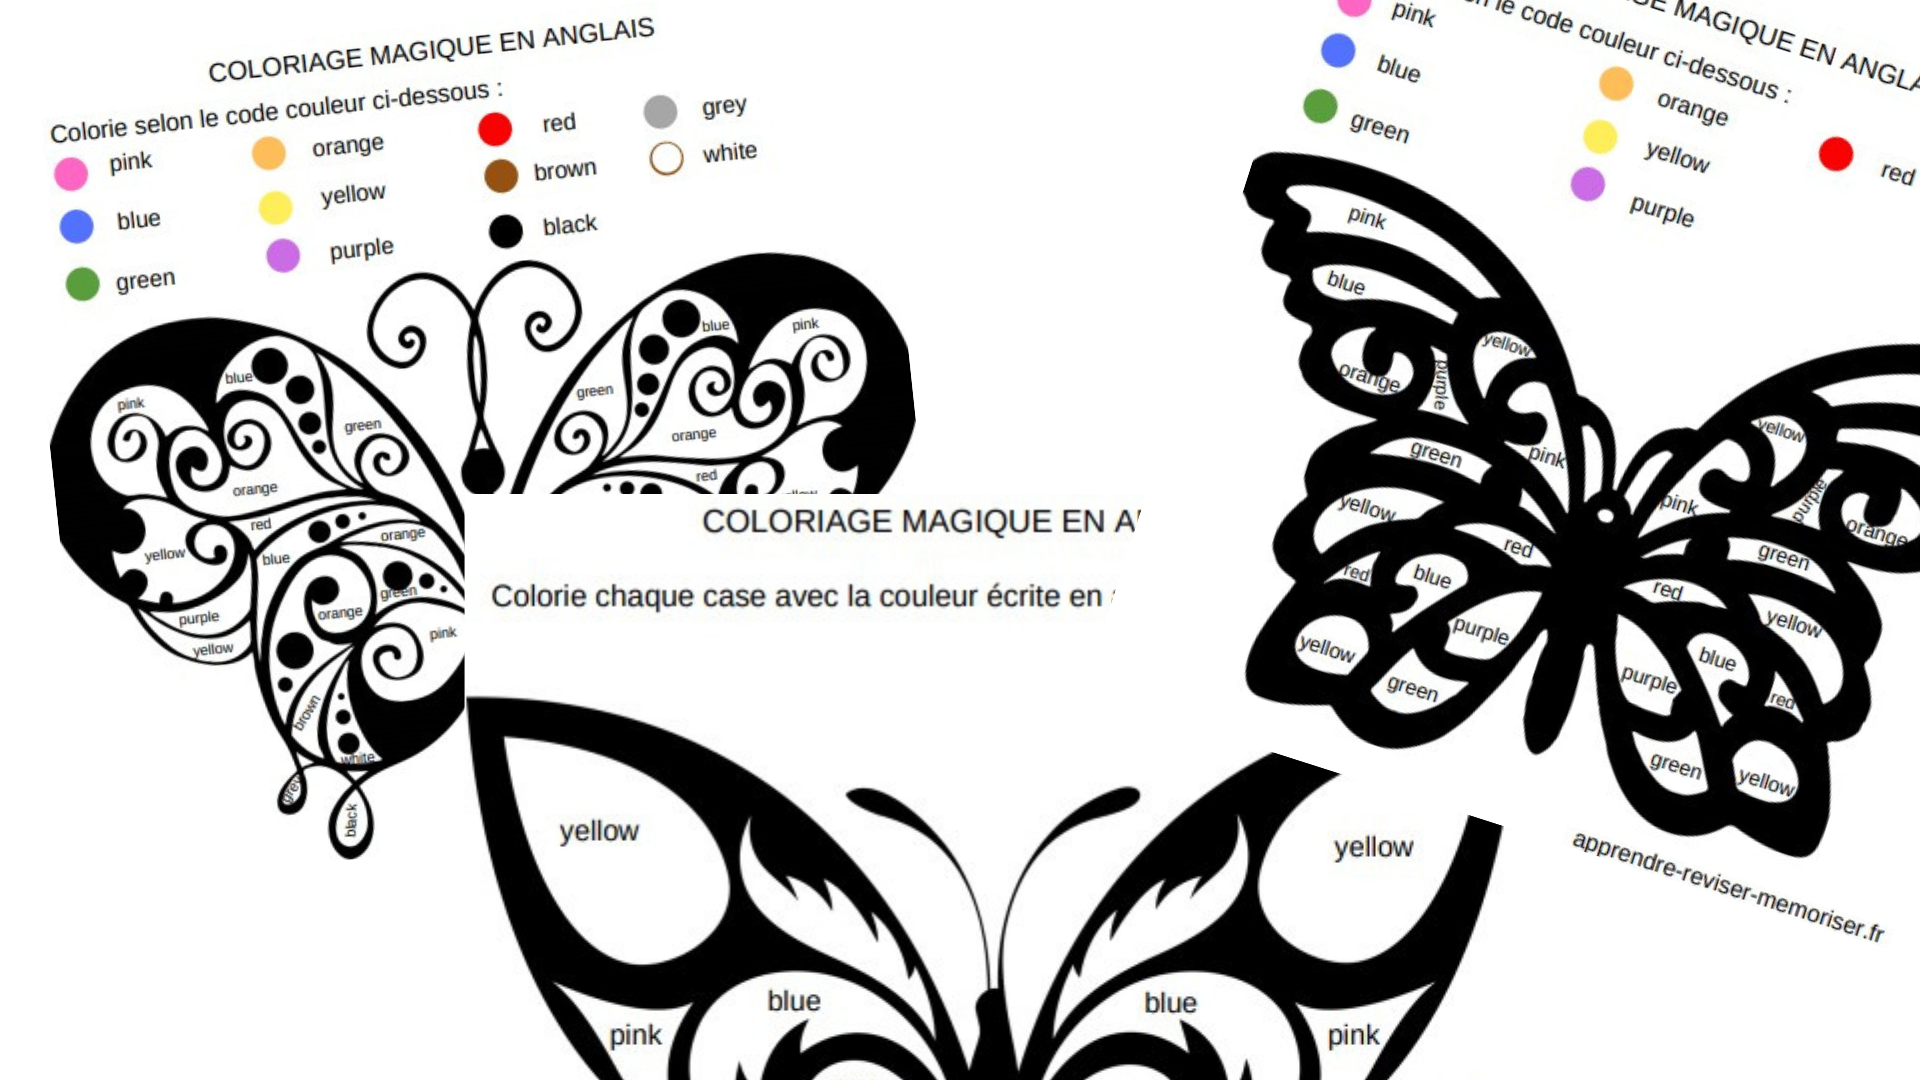 Coloriage Magique En Anglais.3 Coloriages Magiques En Anglais Pour Apprendre Les Couleurs